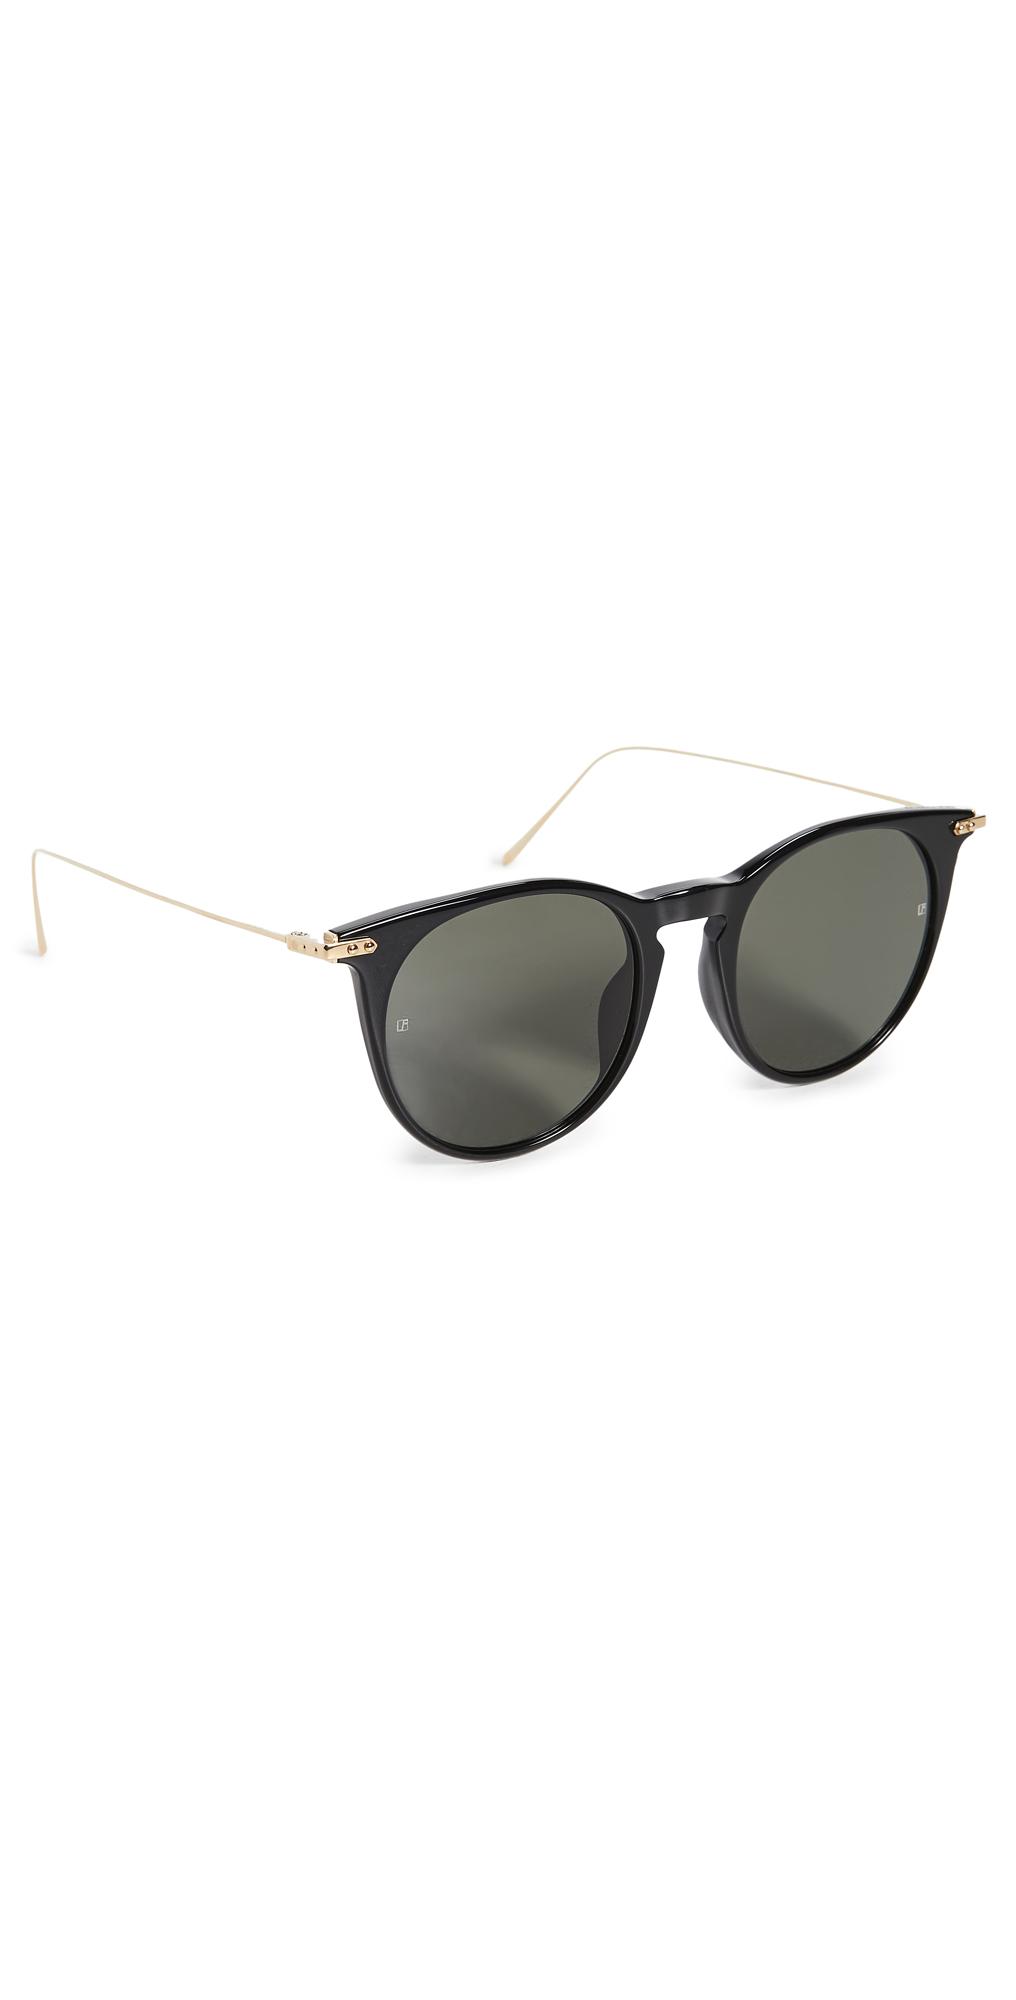 Ellis Round Sunglasses